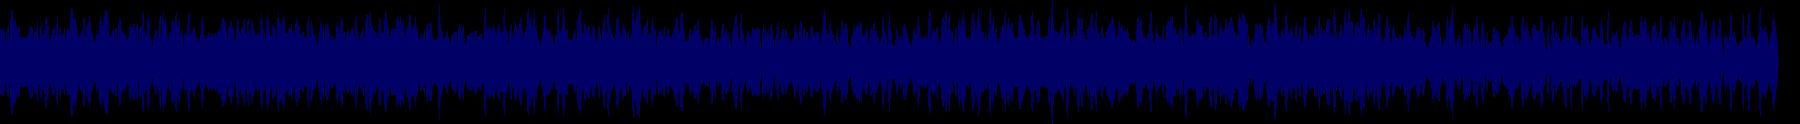 waveform of track #73116